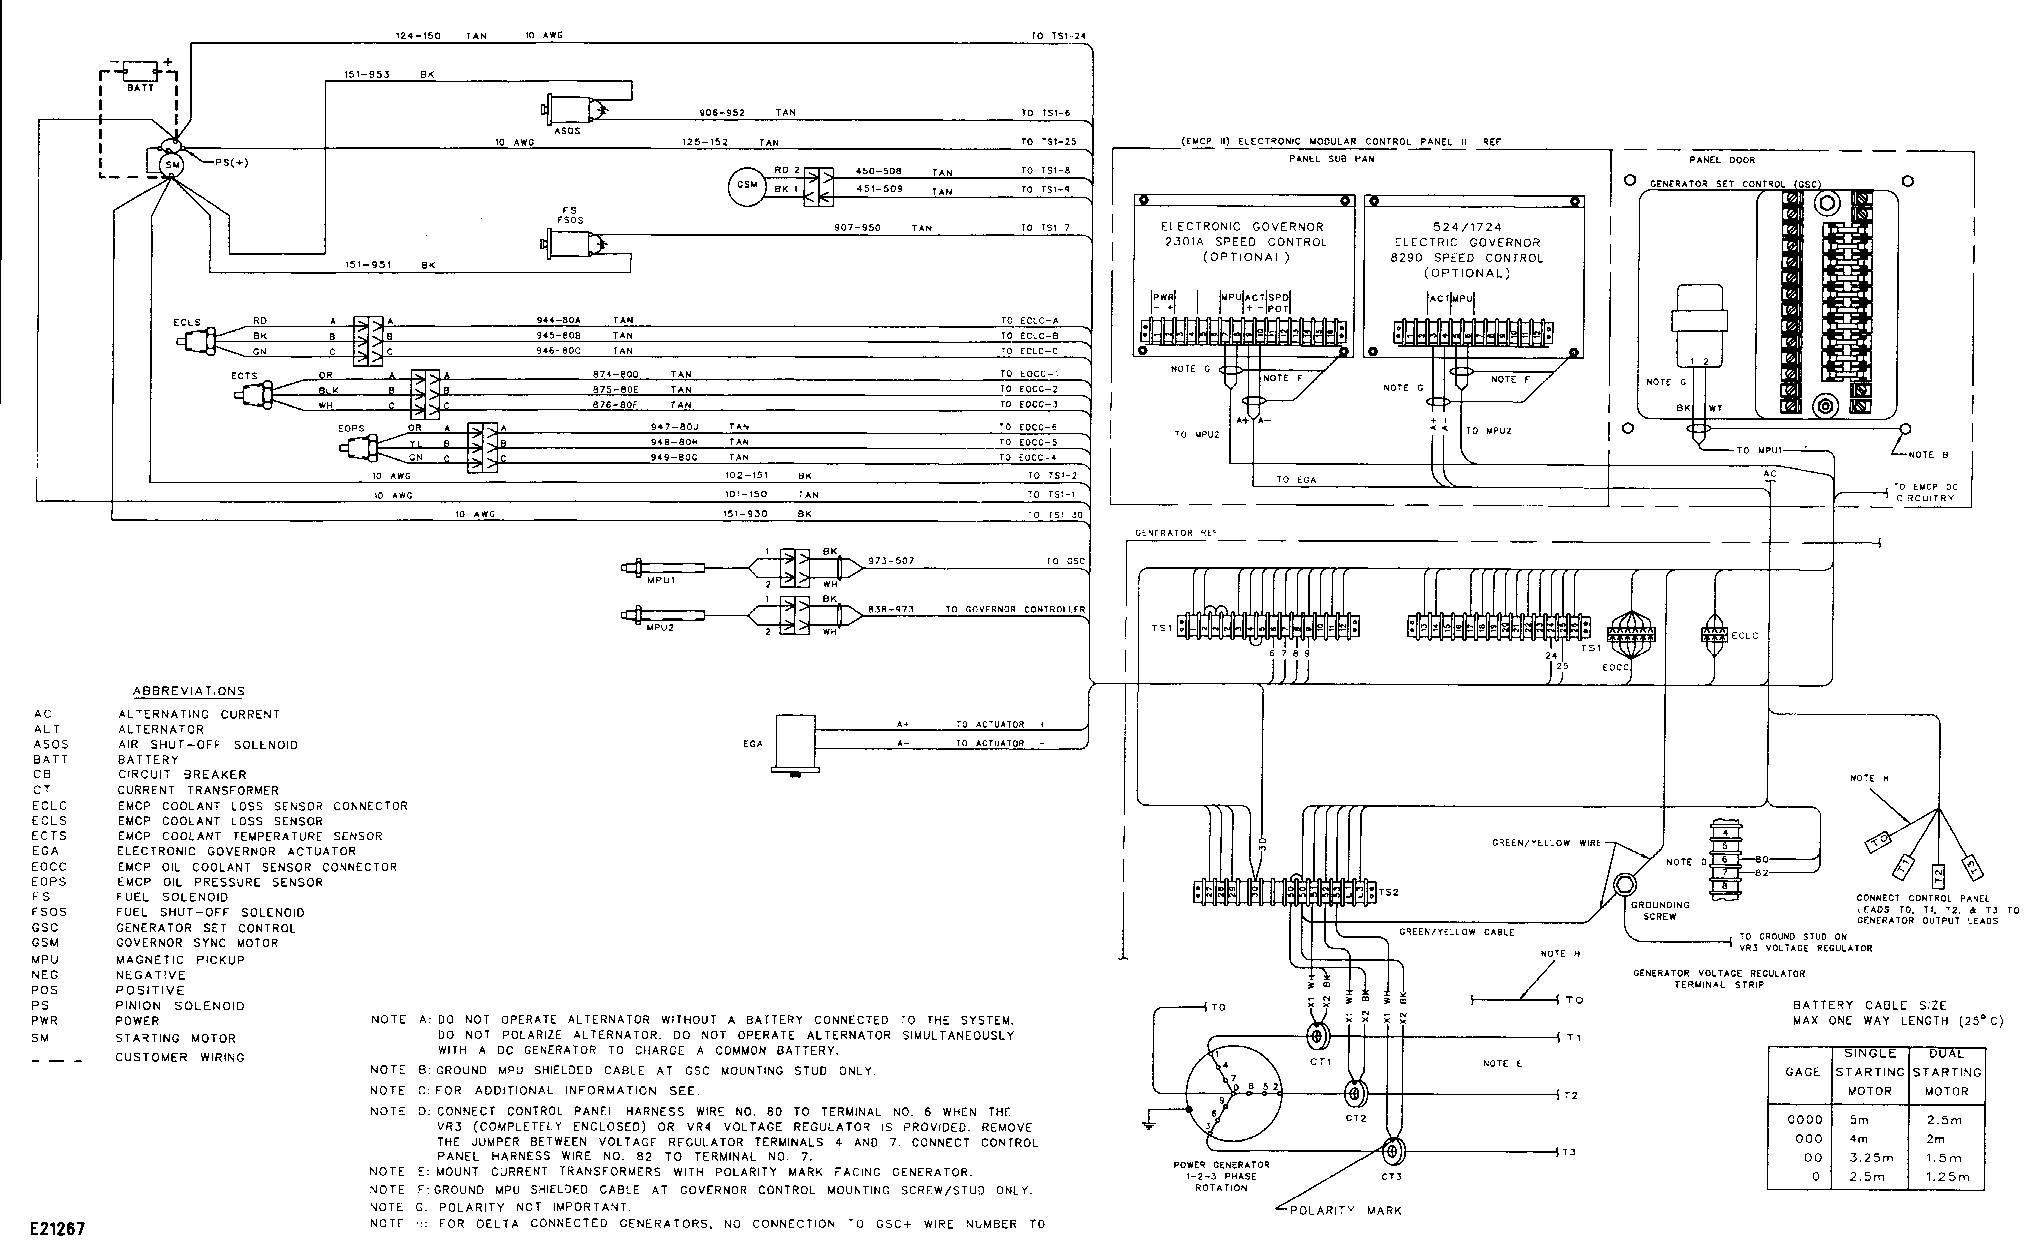 Amazing Cat Engine Schematics Blog Diagram Schema Wiring Digital Resources Otenewoestevosnl